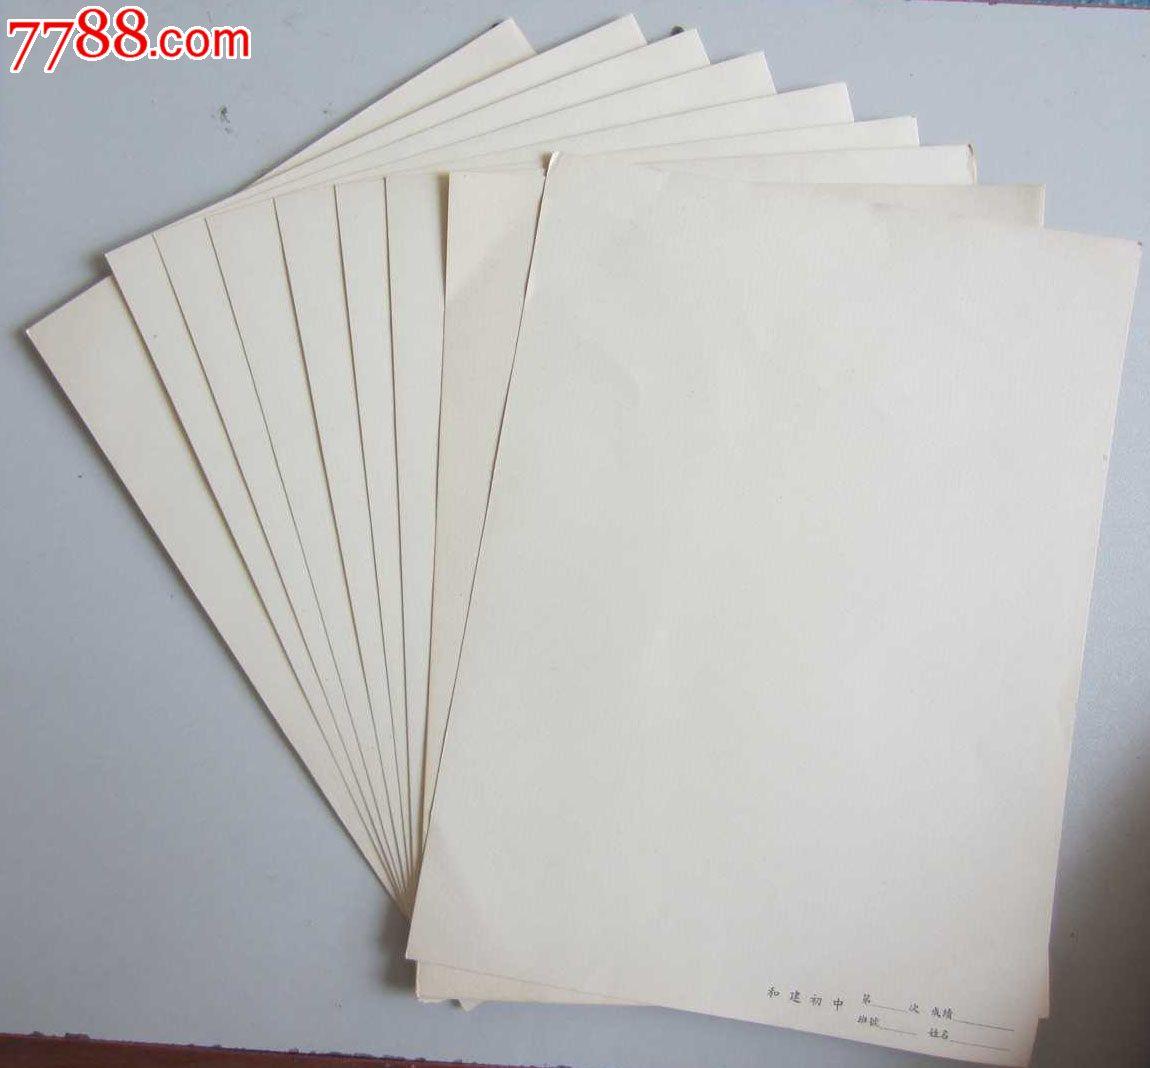 上海市和建初级中学国画作业袋